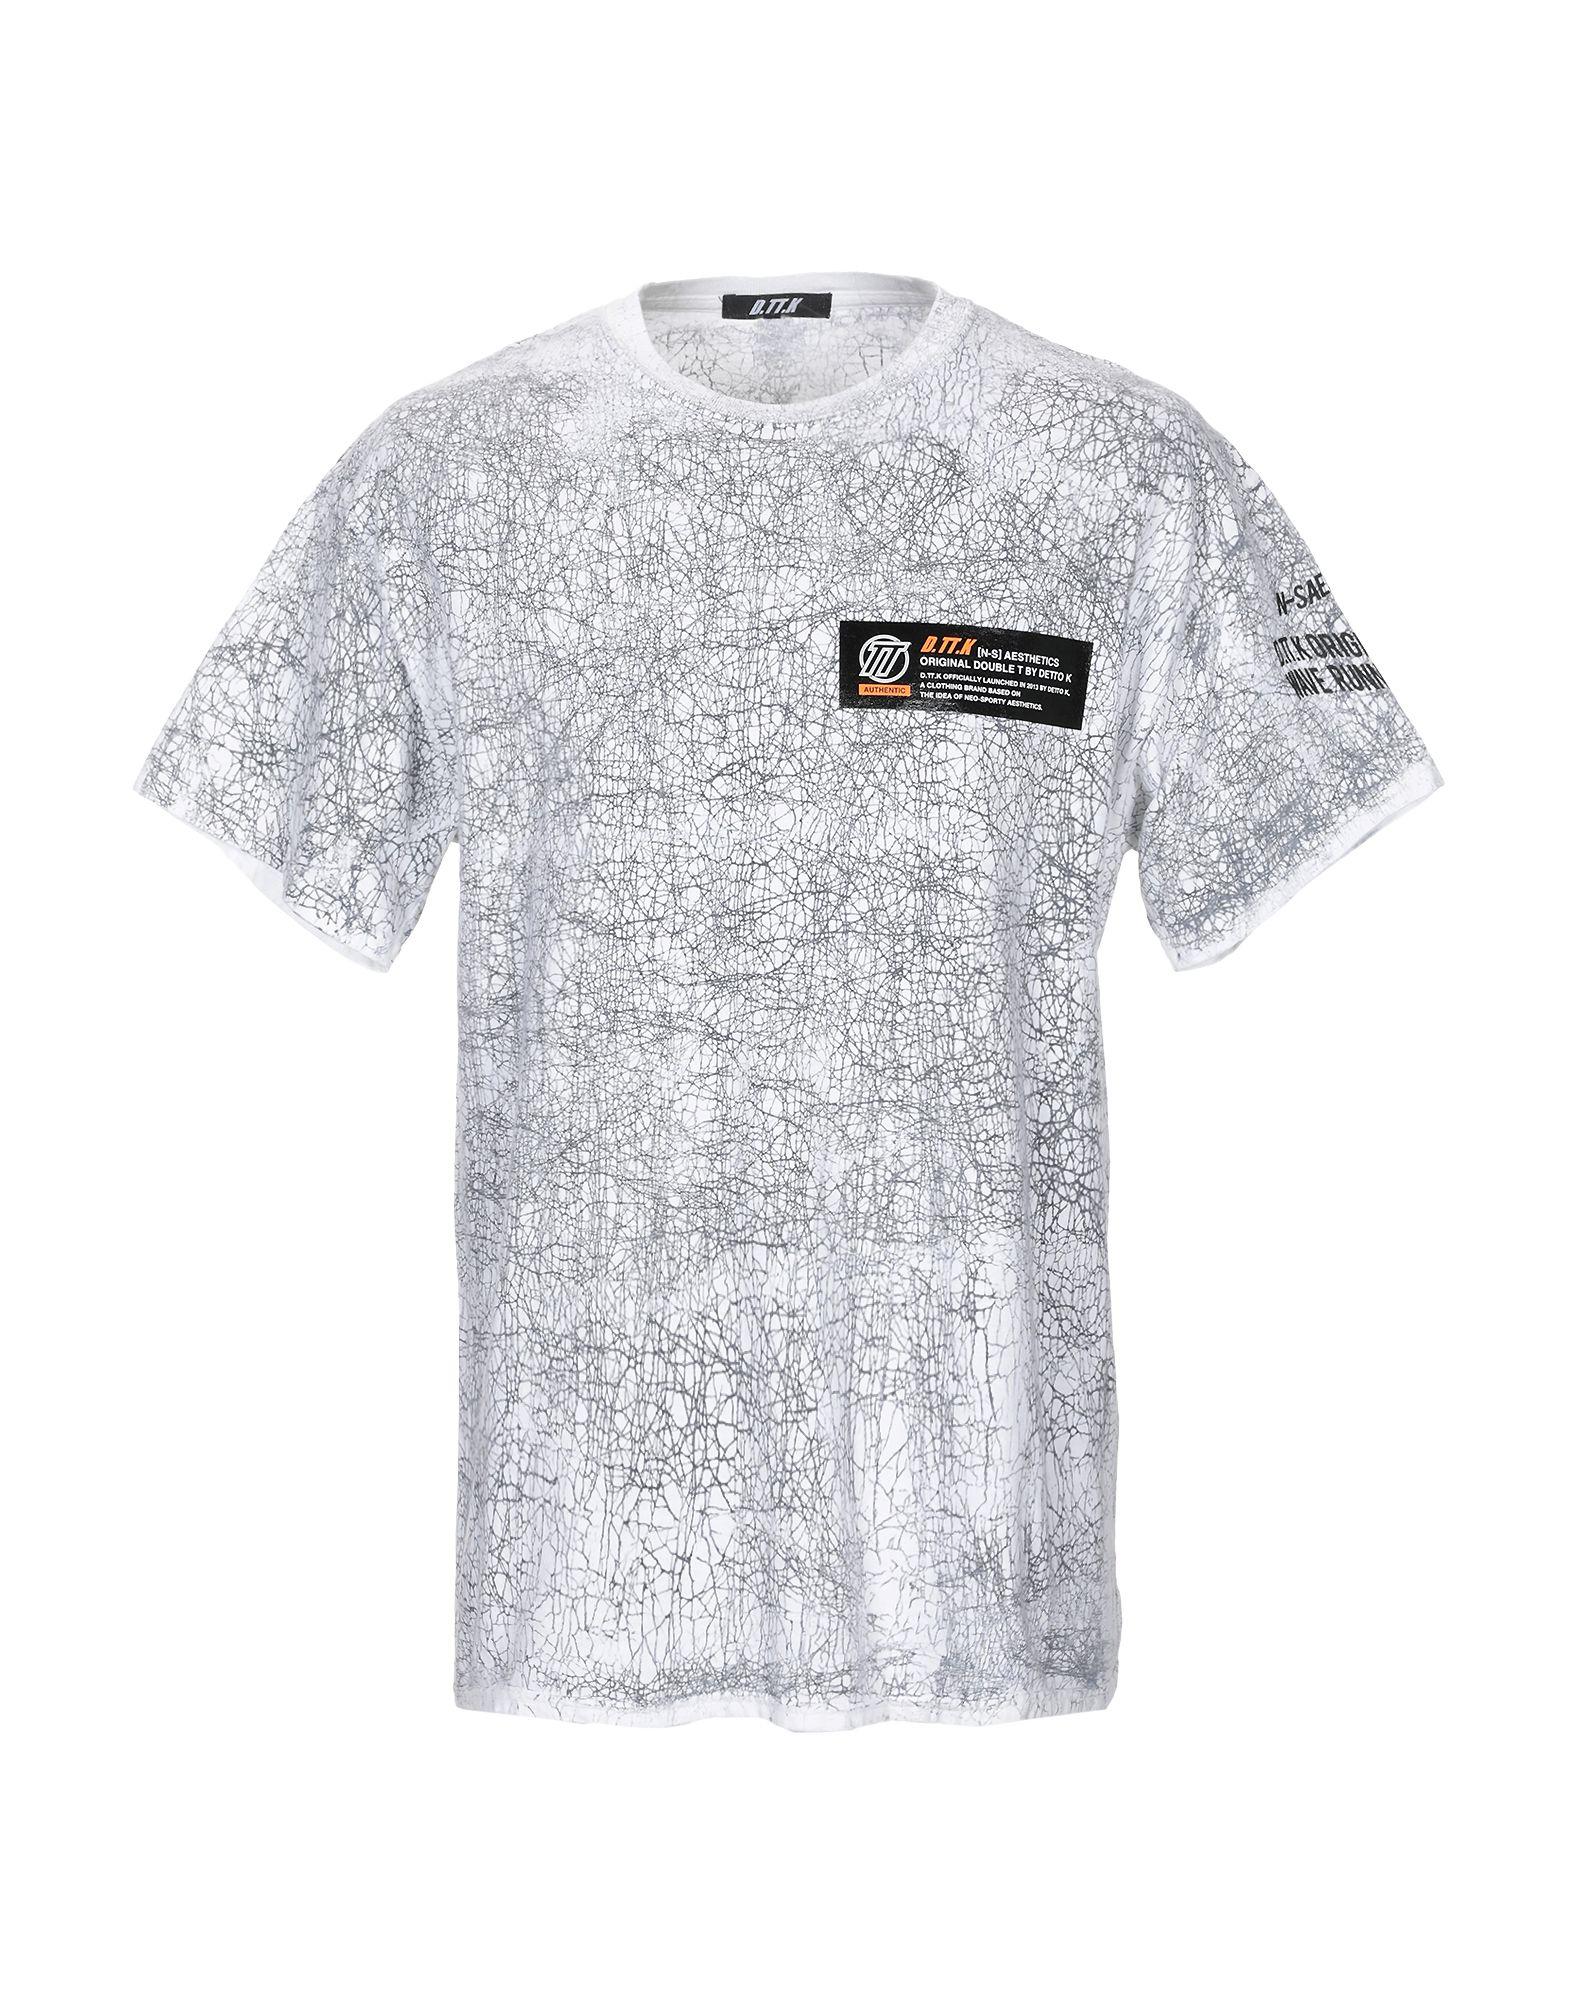 《期間限定セール中》D.TT.K メンズ T シャツ ホワイト L コットン 100%